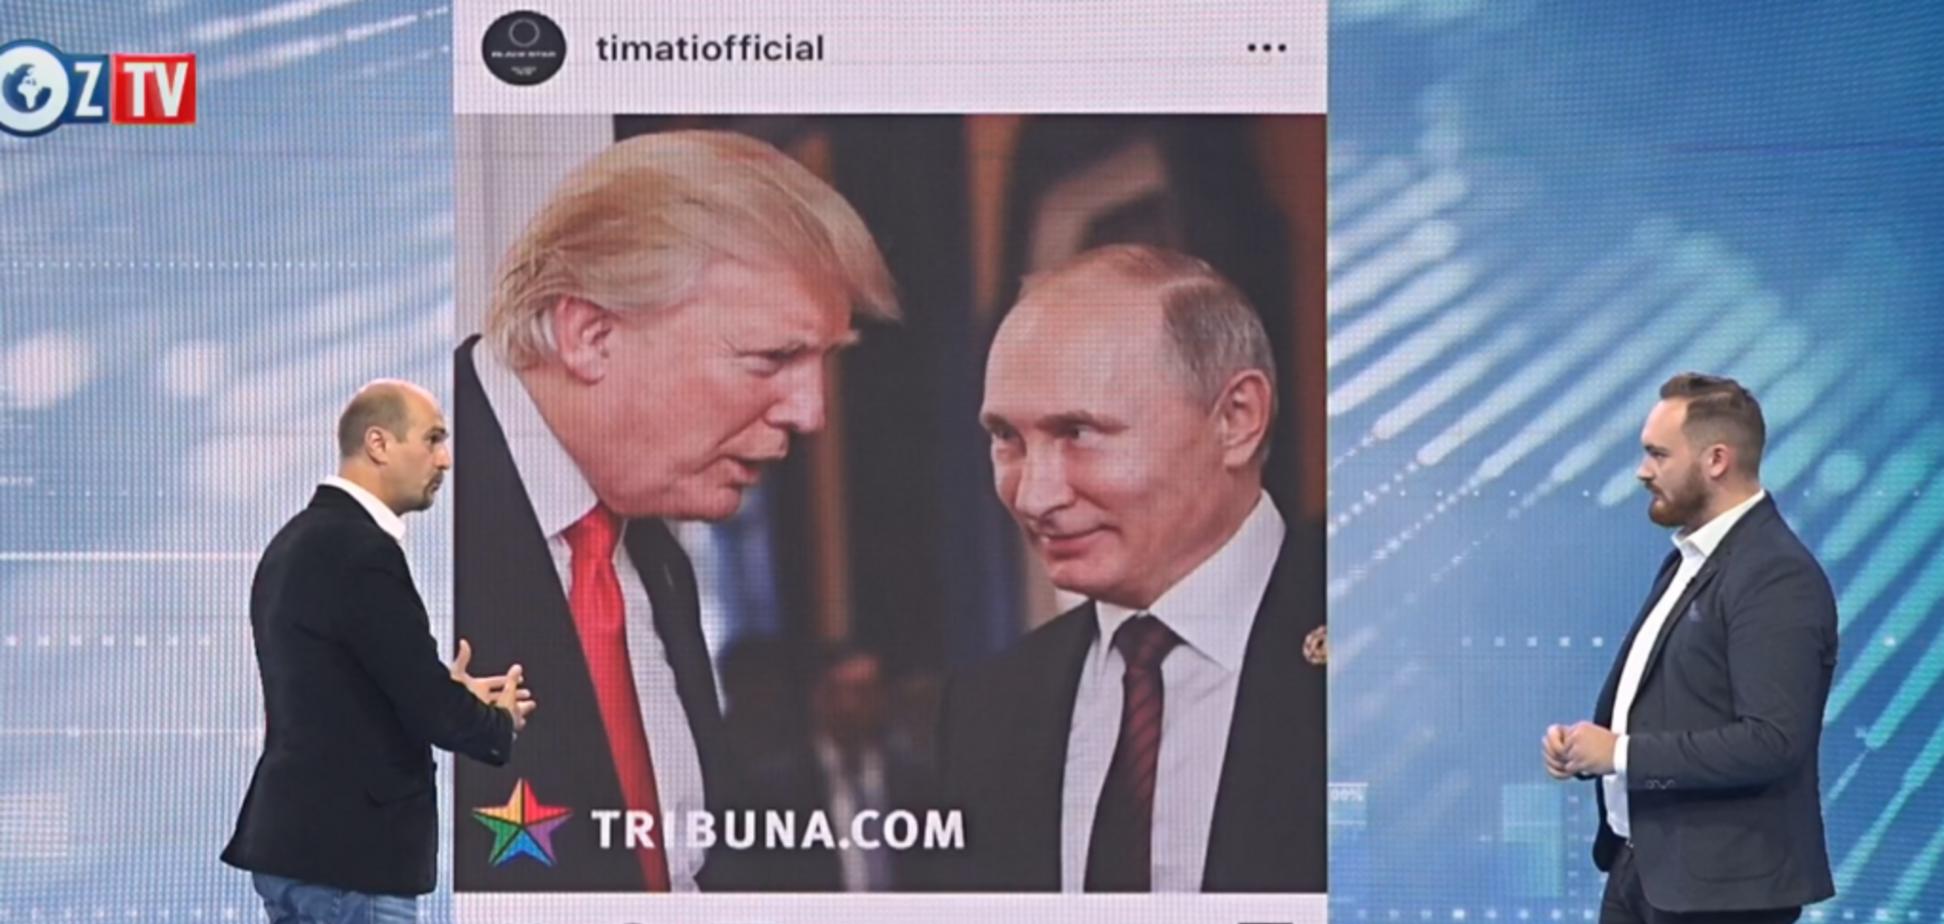 Опозорились: украинские футболисты ставили 'лайки' постам о величии России и Путина